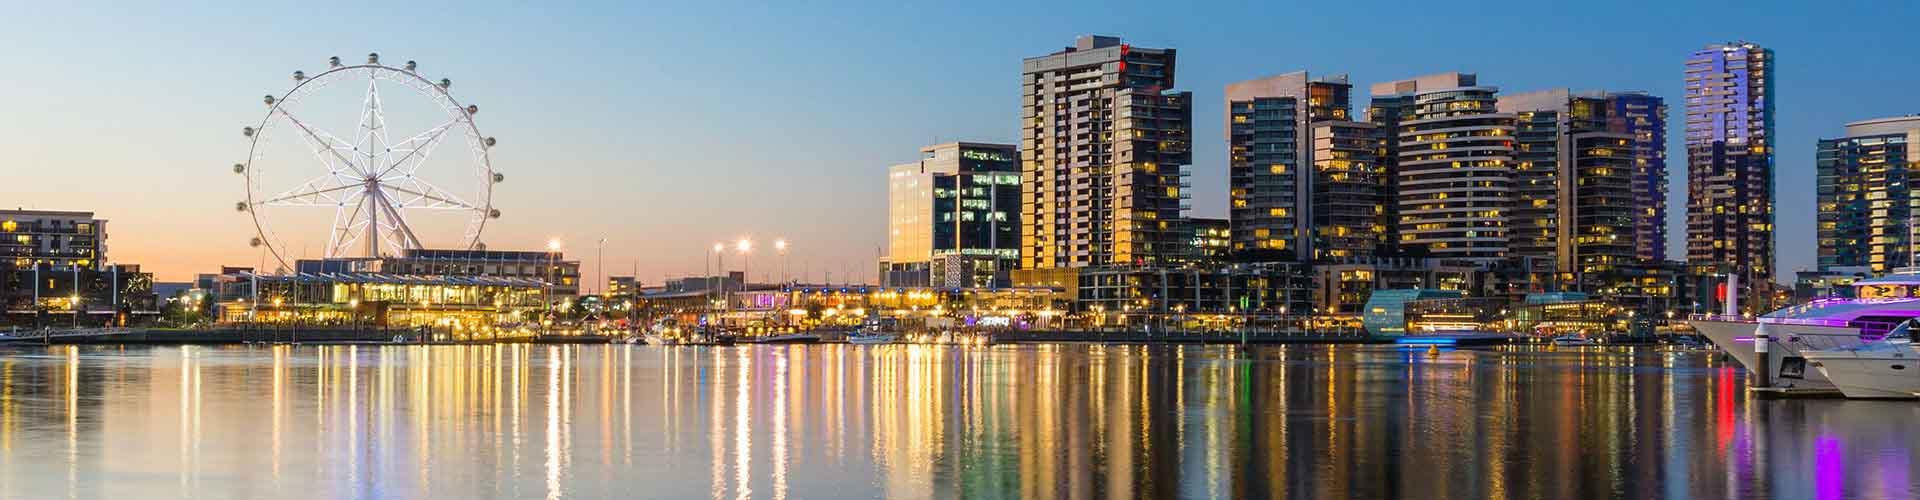 墨尔本 – Carlton South区的青年旅馆。墨尔本 地图,墨尔本 每间青年旅馆的照片和评分。